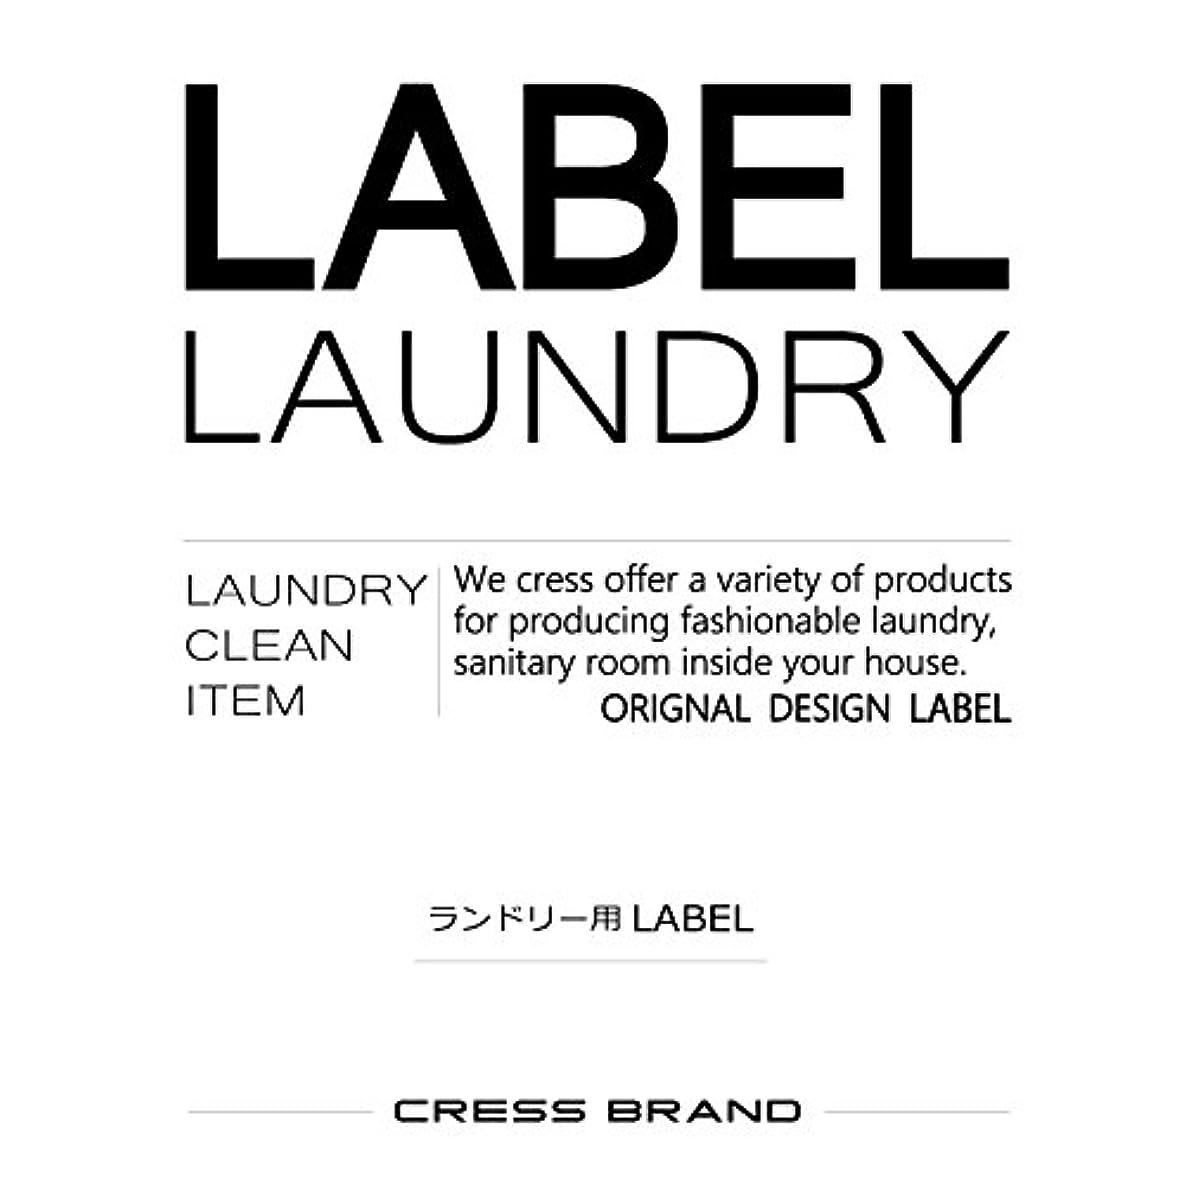 悪用気晴らしパンツStylish-Laundry-label『スタイリッシュ調?ランドリーラベル』ラベルのみ